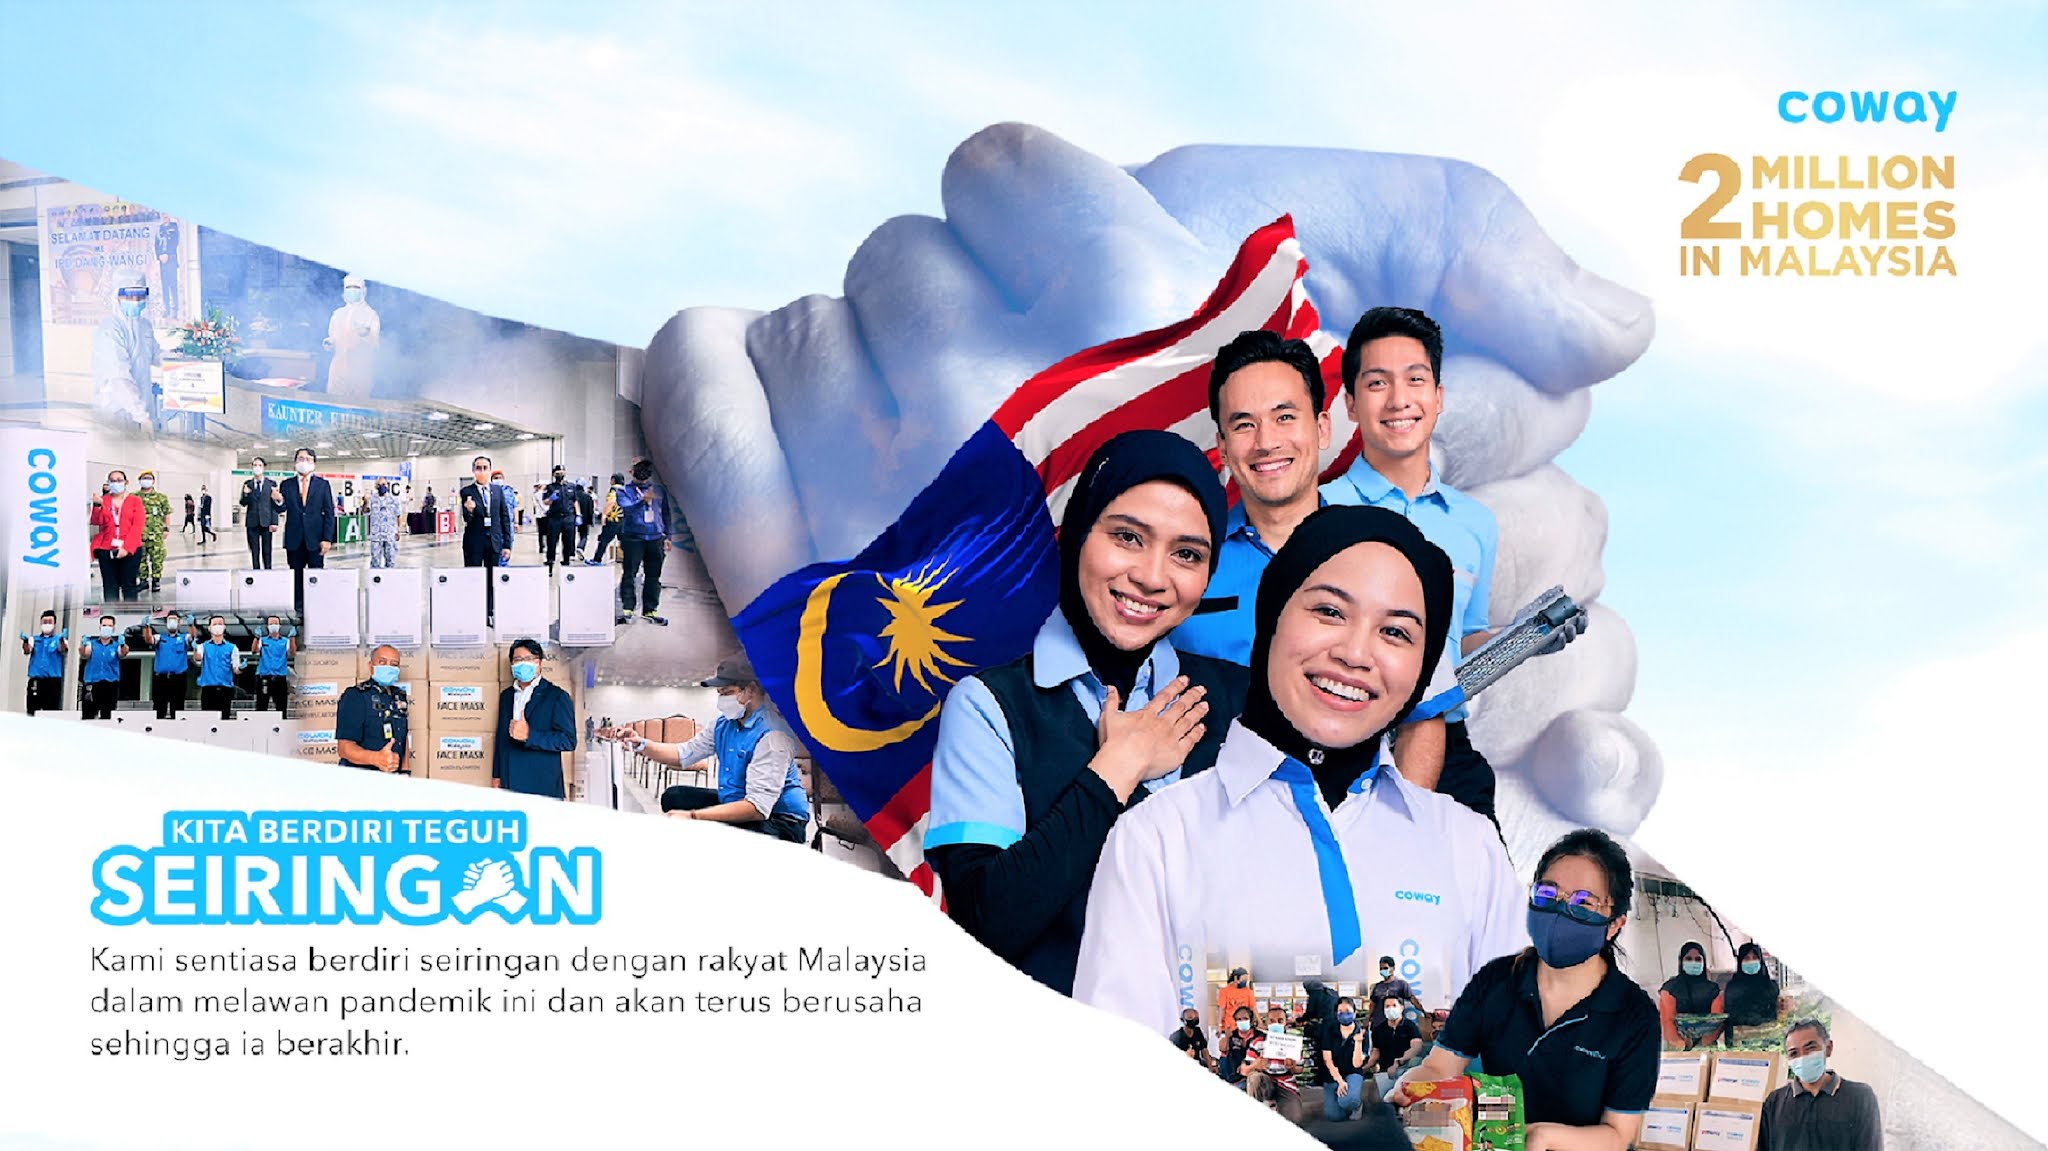 Kempen 'Kita Berdiri Teguh Seiringan' Coway Malaysia Menyatukan Rakyat Malaysia Untuk Melawan Pandemik